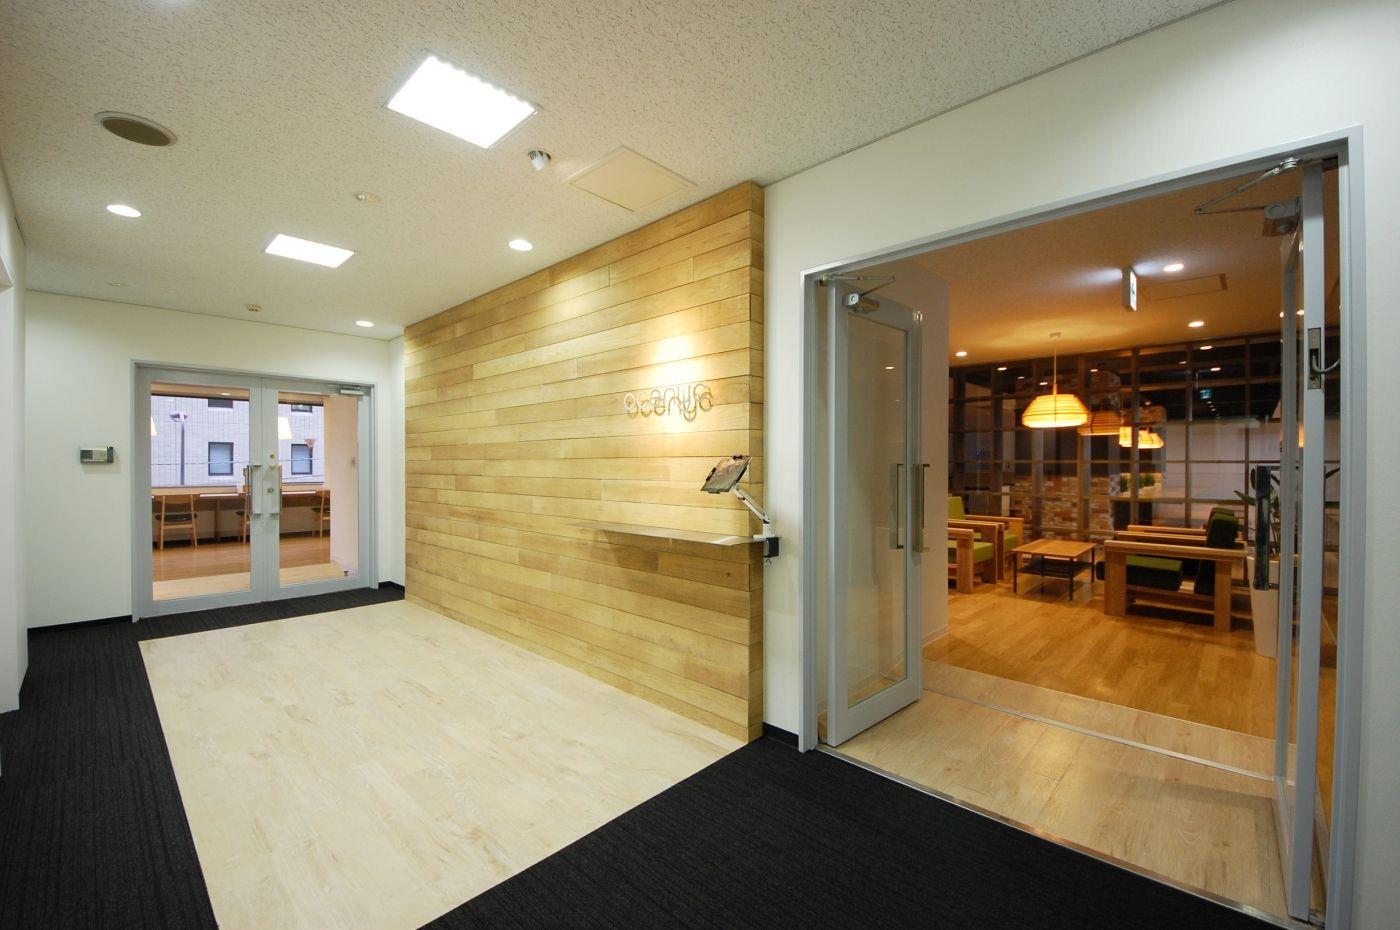 ガラスやスケルトン天井のオフィス オフィスデザイン事例